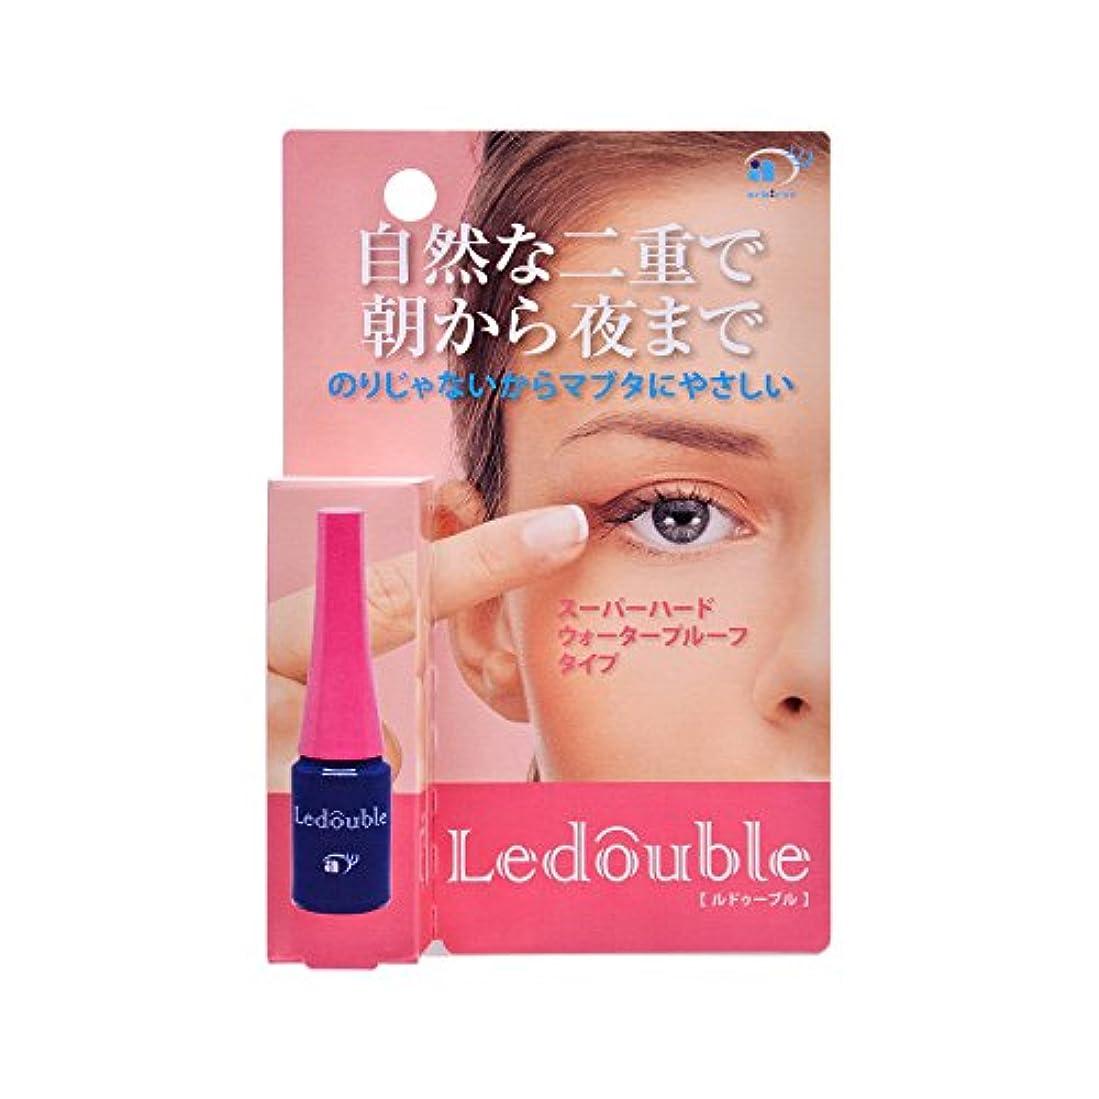 アラブサラボ哲学狂ったLedouble [ルドゥーブル] 二重まぶた化粧品 (2mL)